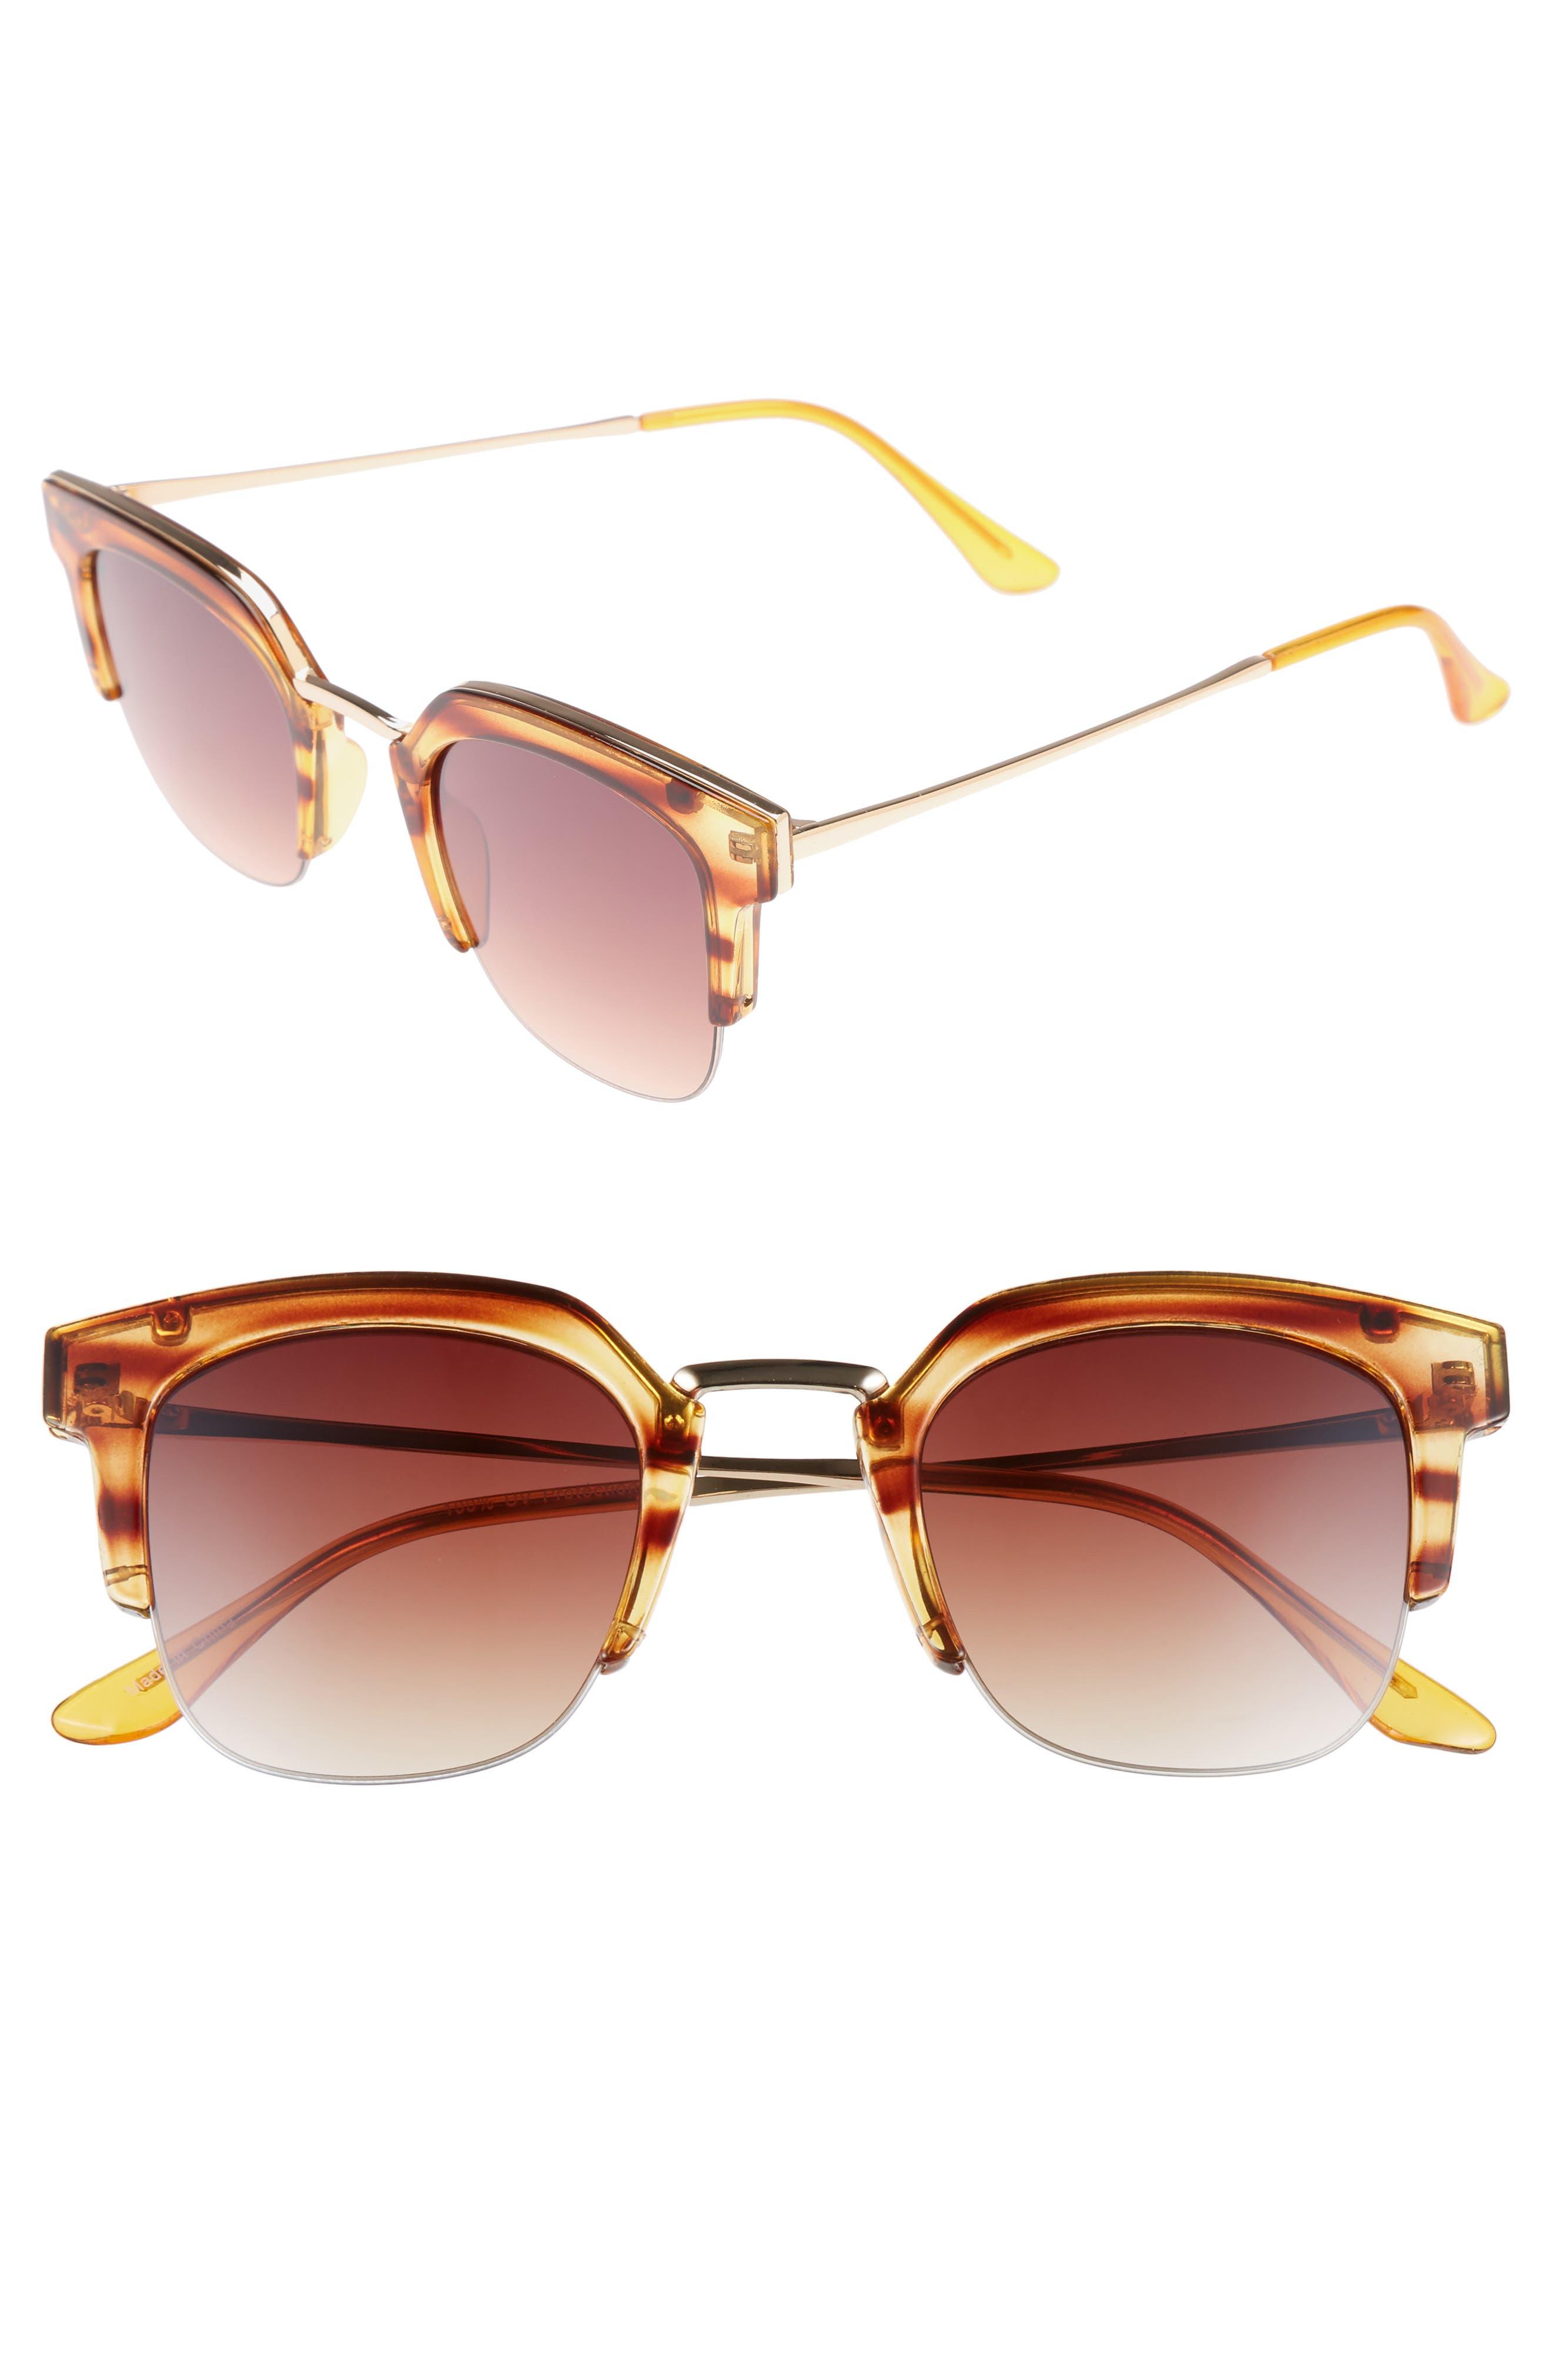 47mm Retro Sunglasses,                         Main,                         color, 200